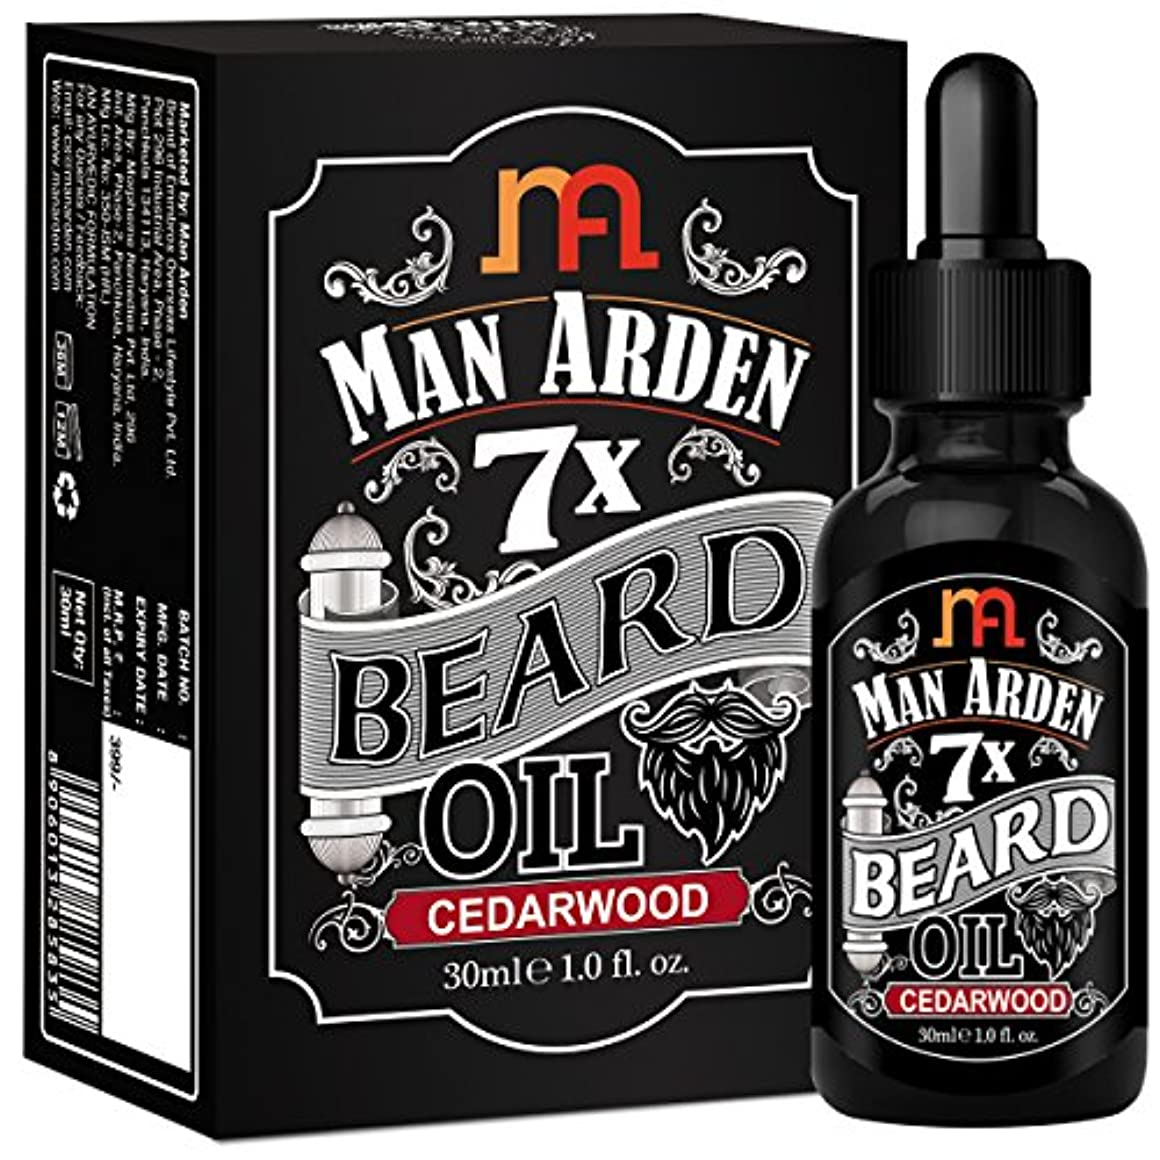 チケットお手入れ利点Man Arden 7X Beard Oil 30ml (Cedarwood) - 7 Premium Oils Blend For Beard Growth & Nourishment